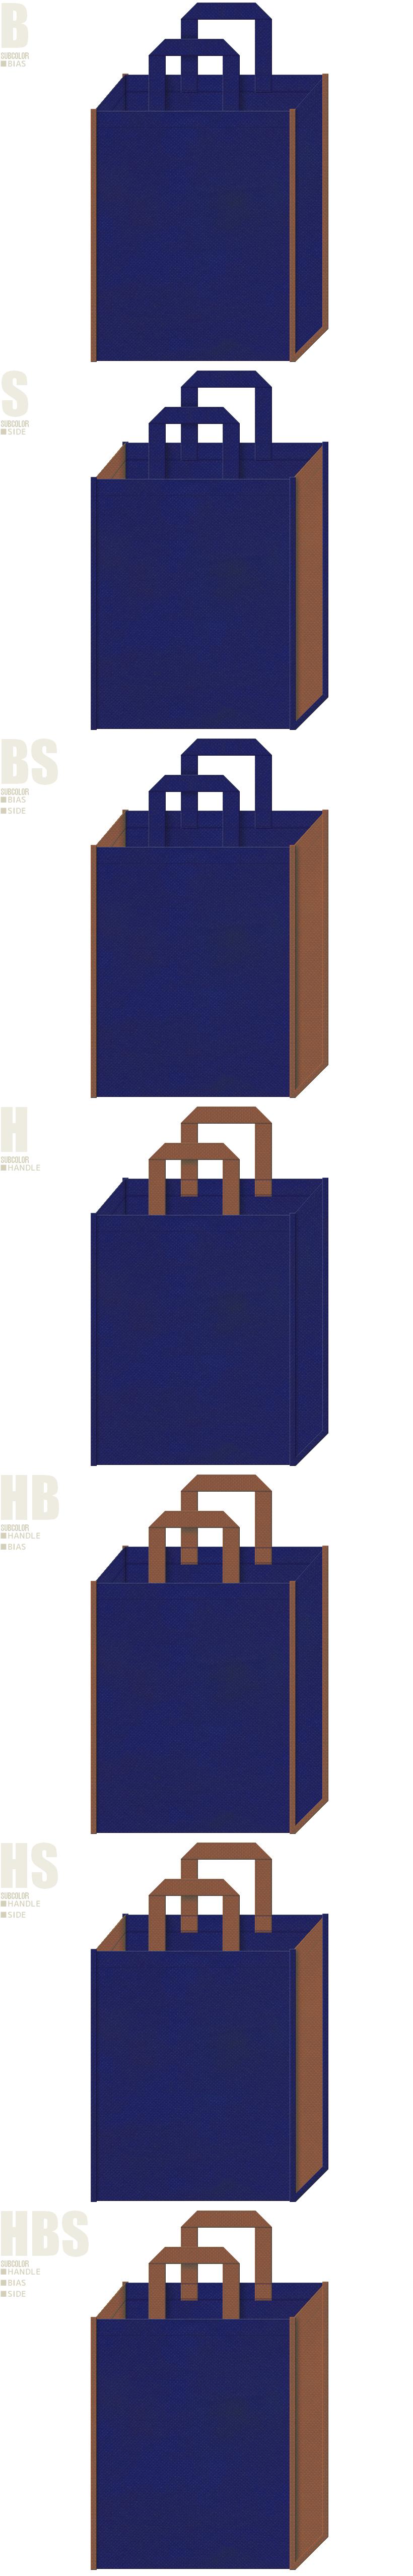 紺紫色と茶色-7パターンの不織布トートバッグ配色デザイン例